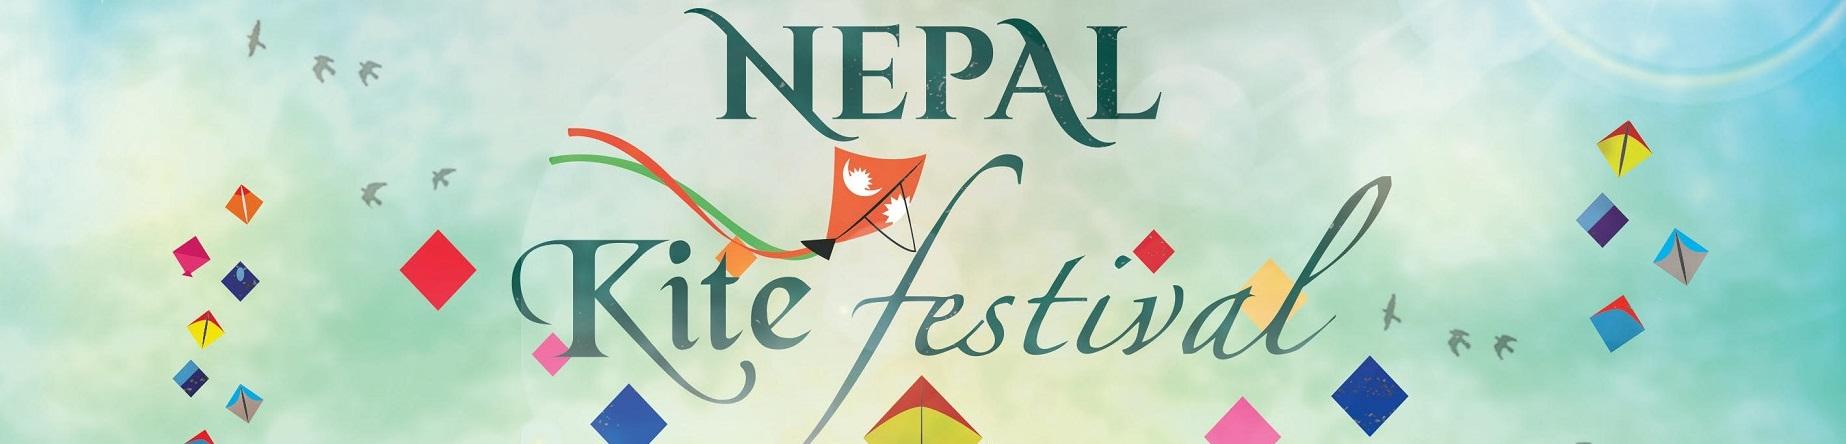 ghuthisystem in nepal Ghuthisystem in nepal  topics: ritual, culture, cultural.